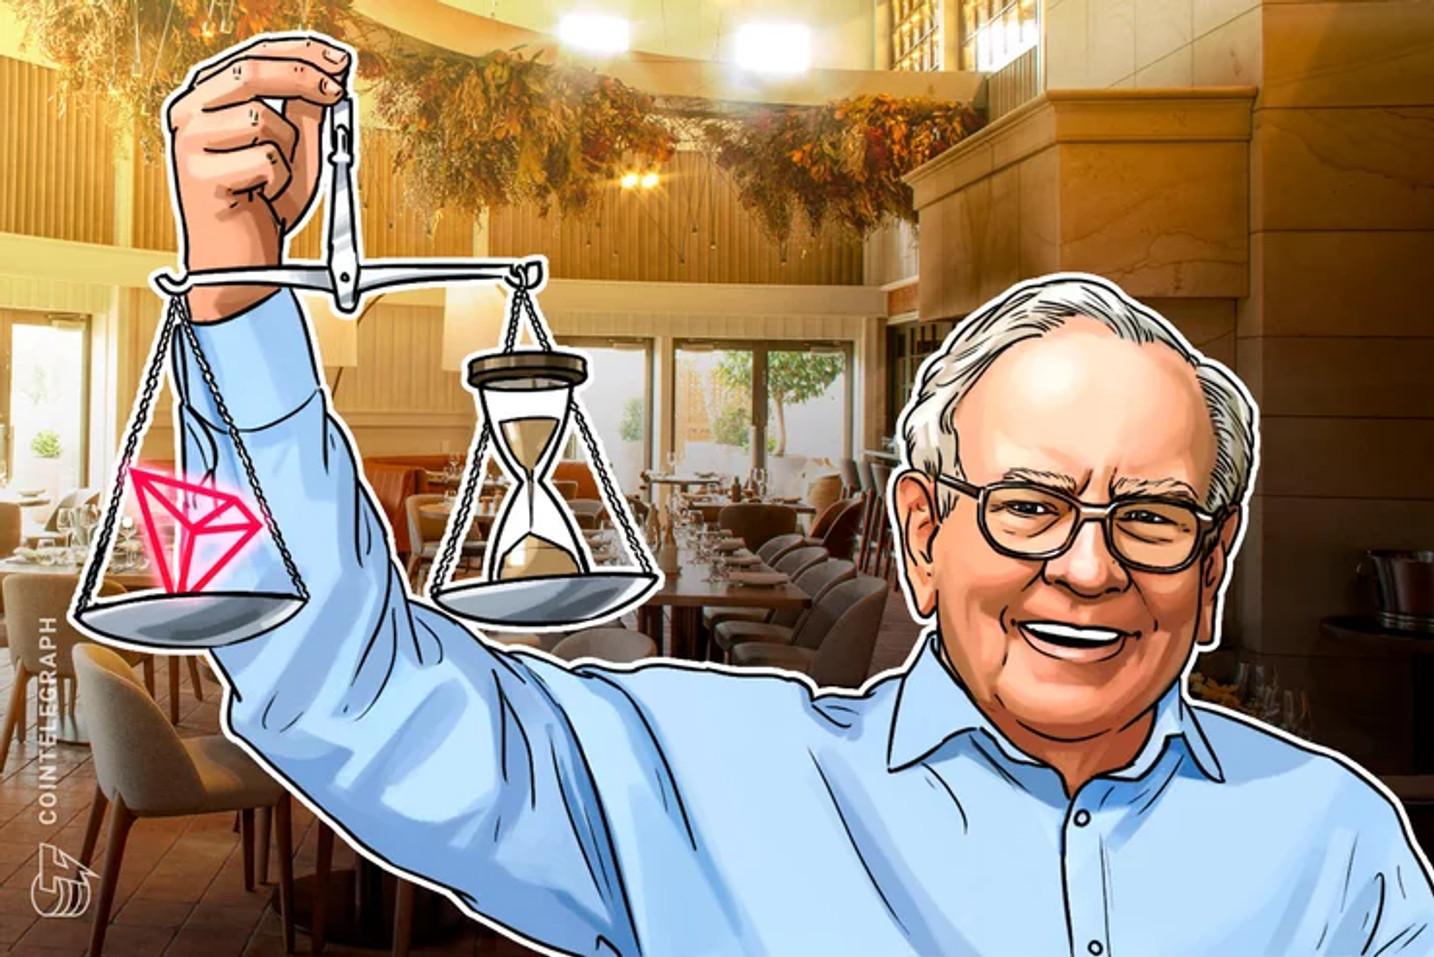 Justin Sun da Tron vence leilão de caridade no eBay em oferta de US $ 4,57 milhões para almoço com Warren Buffett